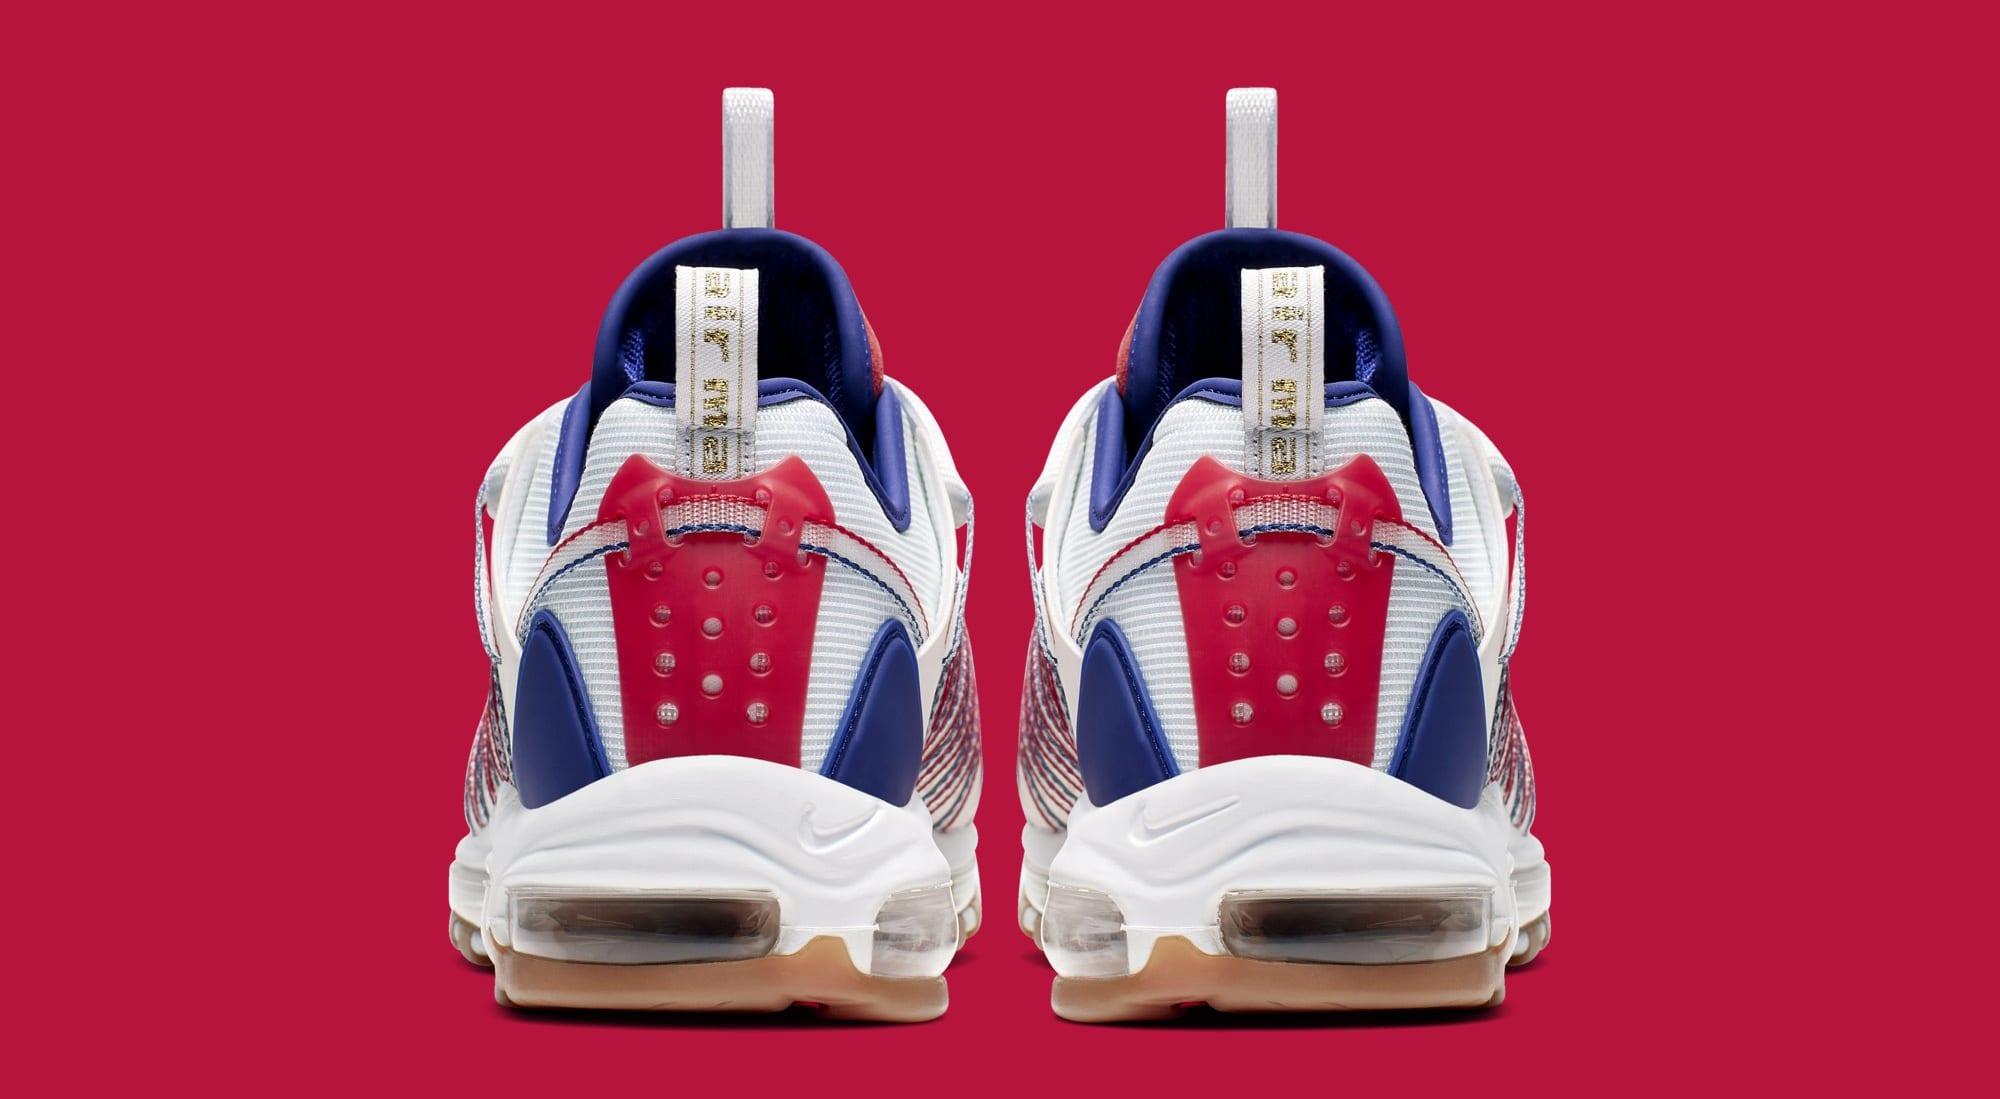 CLOT x Nike Air Max 97/Haven AO2134-101 (Heel)